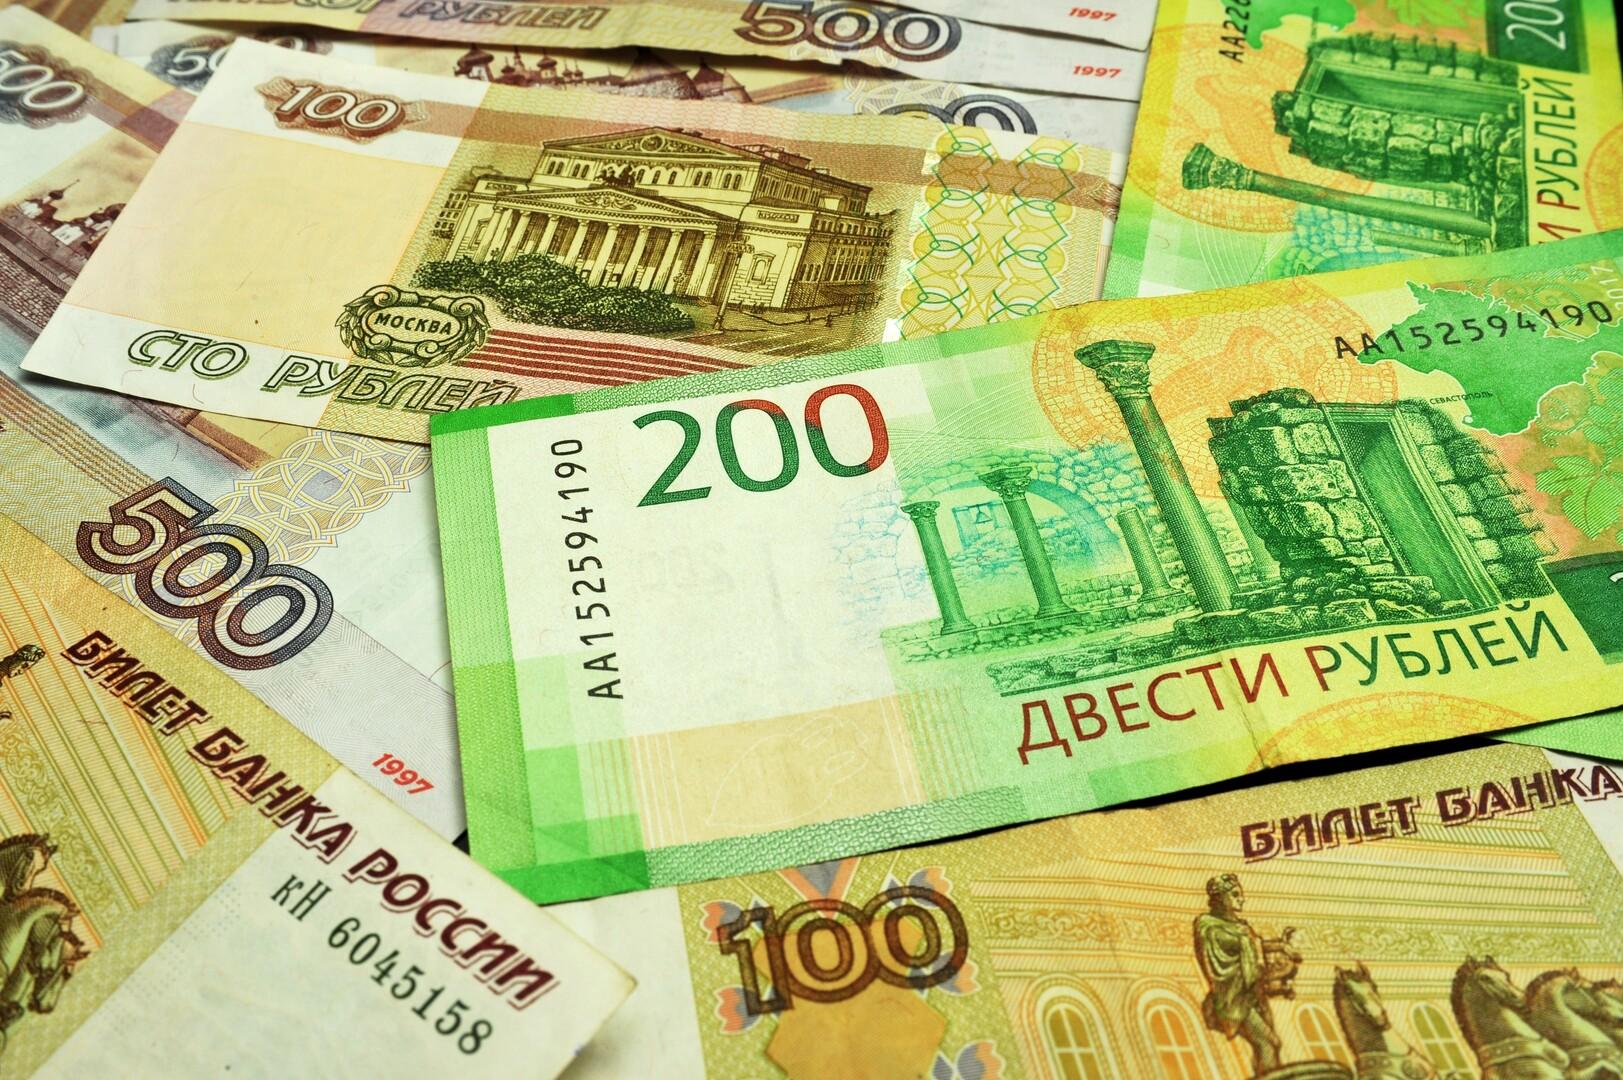 المالية الروسية تطرح سندات في السوق المحلية بنجاح